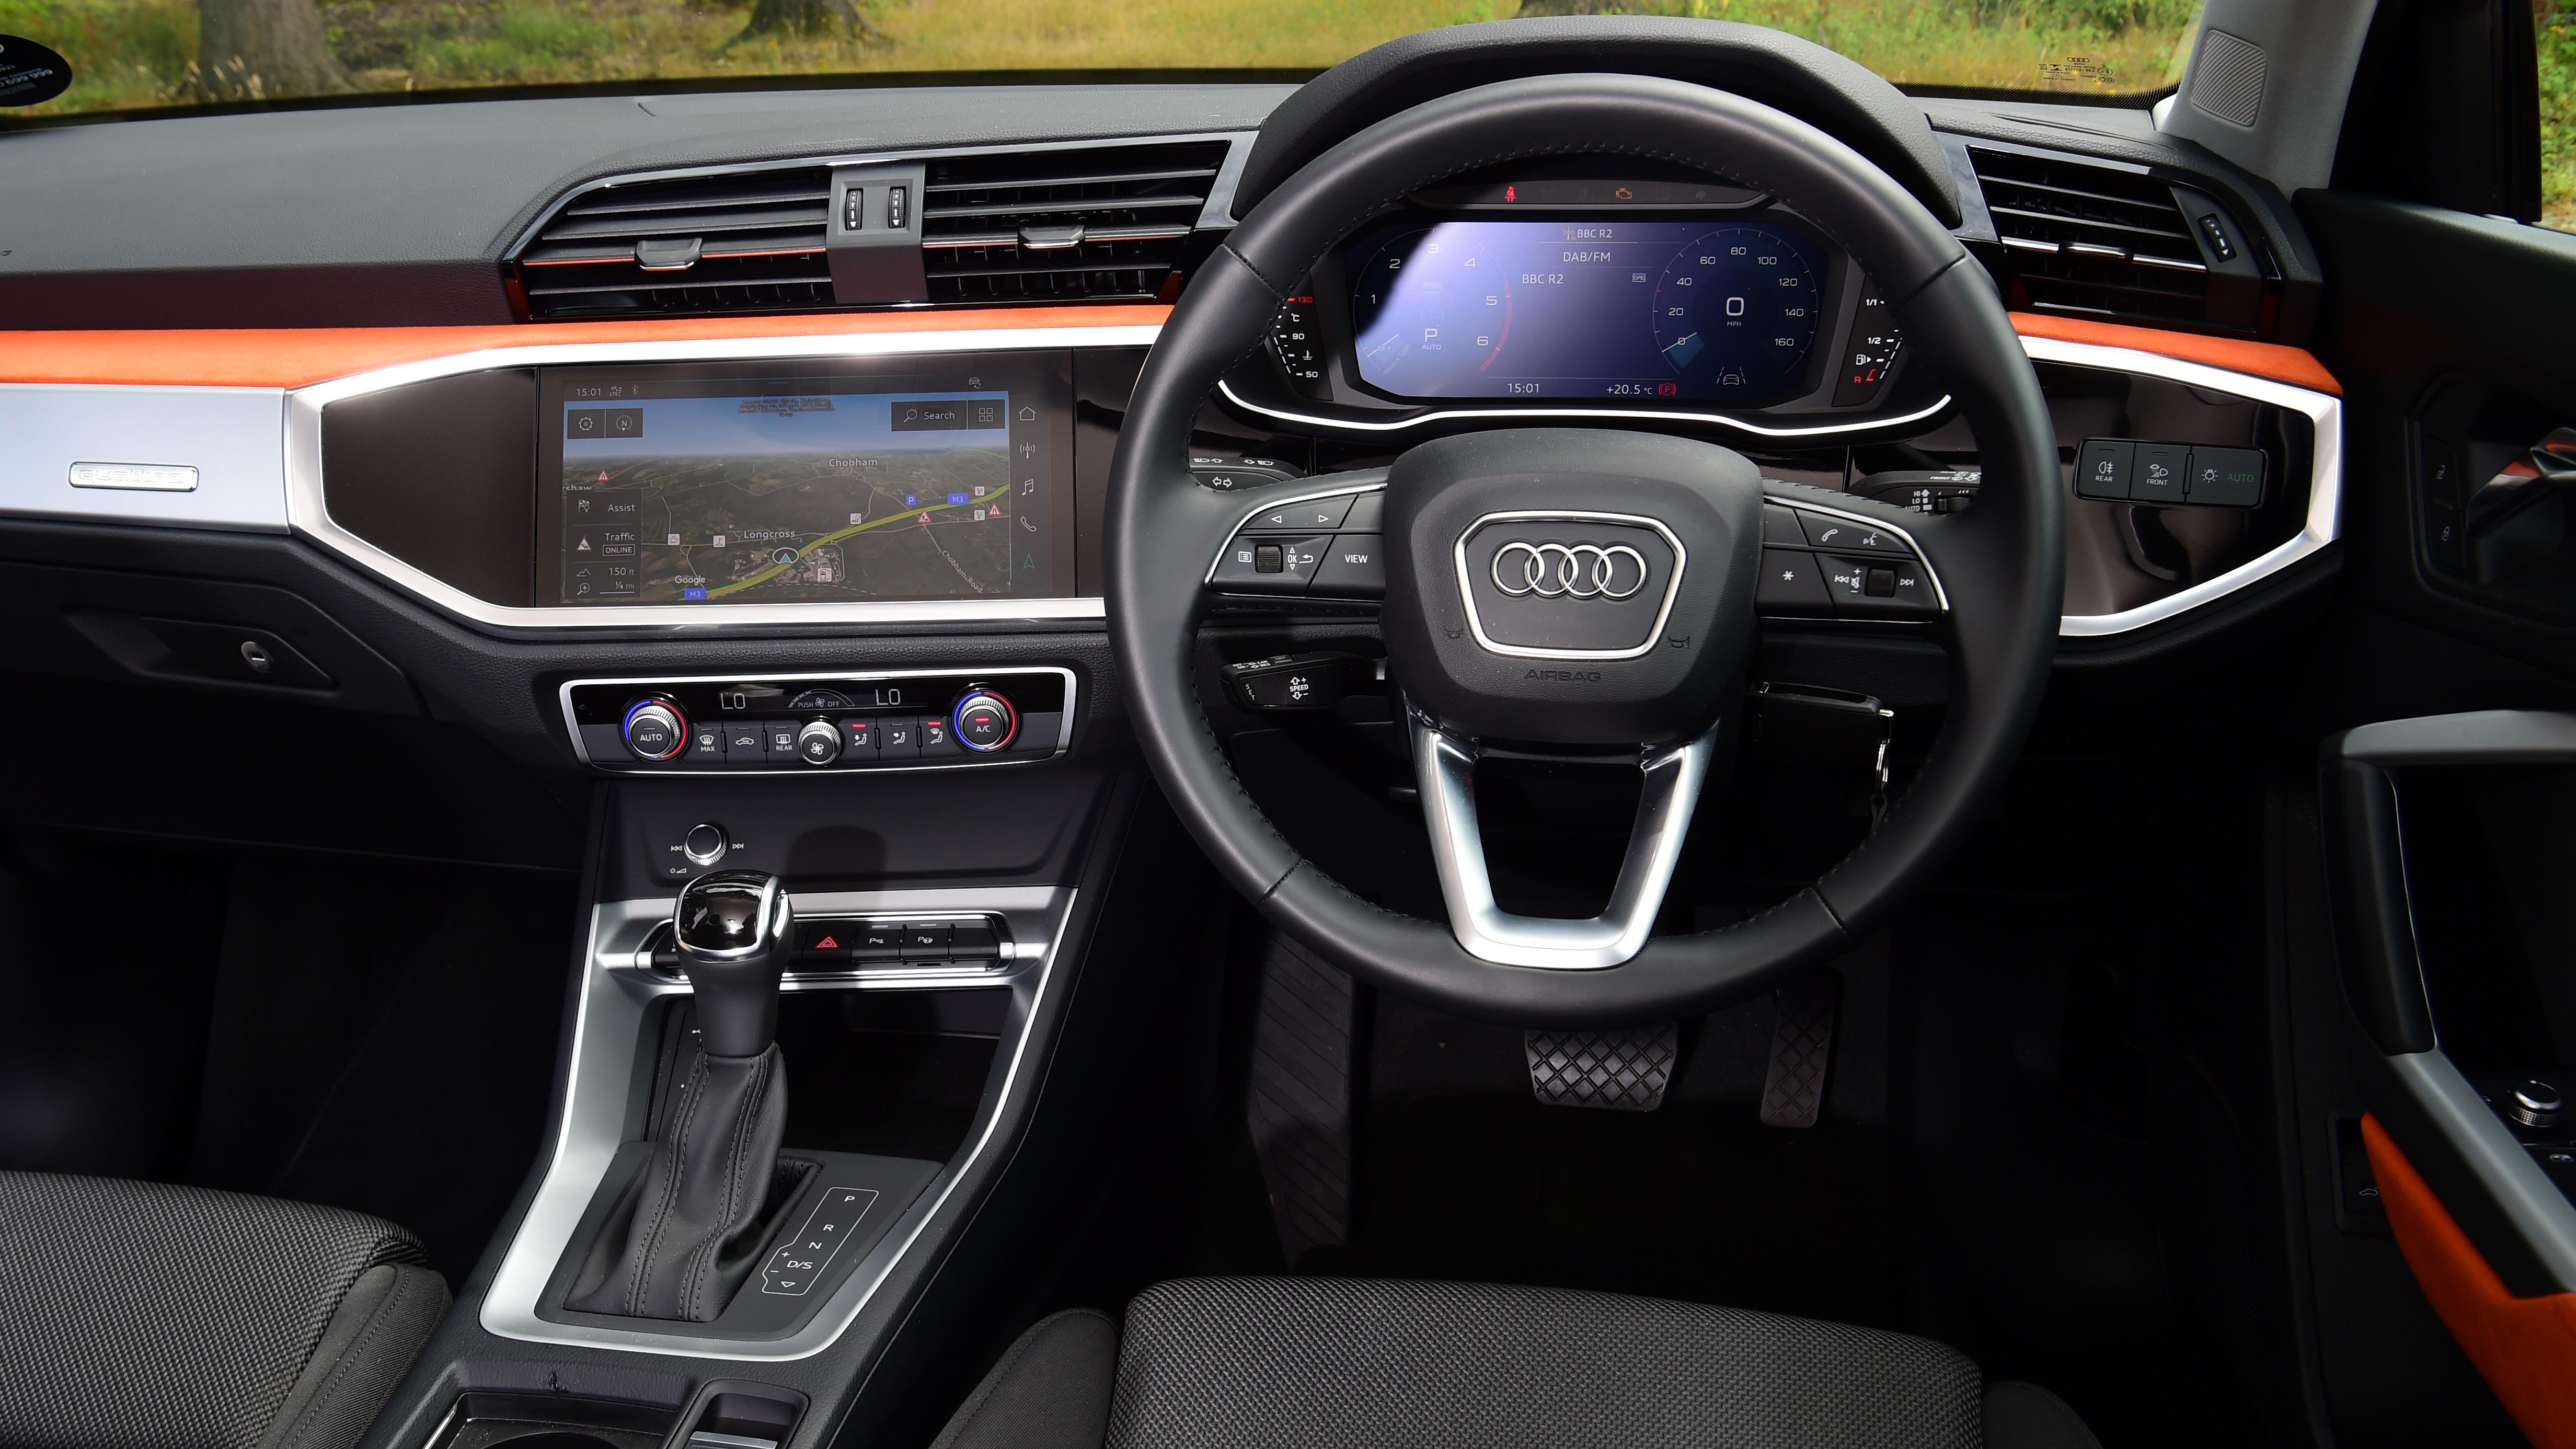 Audi Q3 Suv Interior Comfort 2020 Review Carbuyer